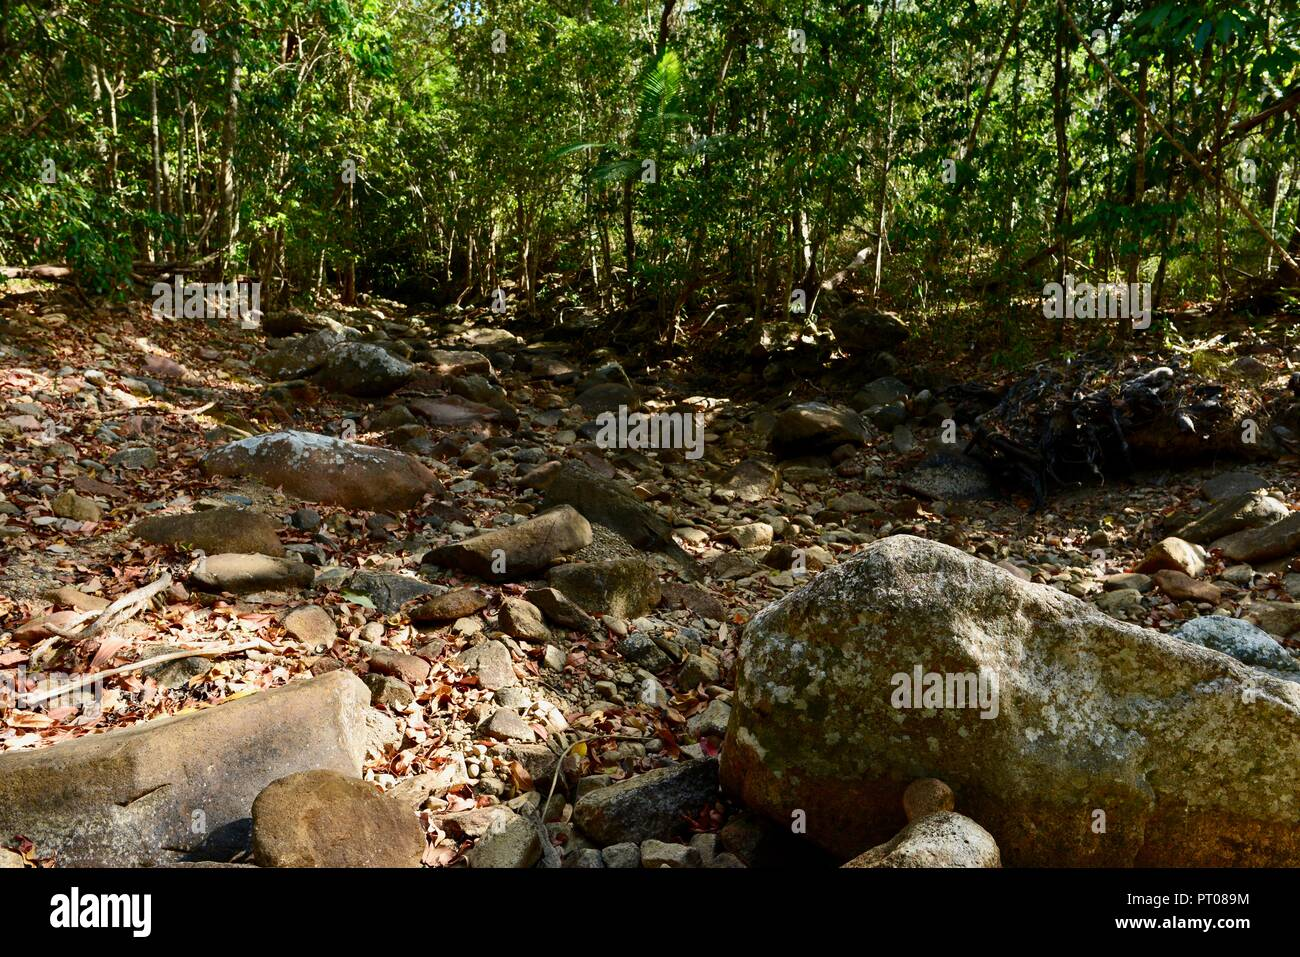 Ein Dry Creek Bed, Dämpfer Creek, Dalrymple Lücke, QLD, Australien Stockbild